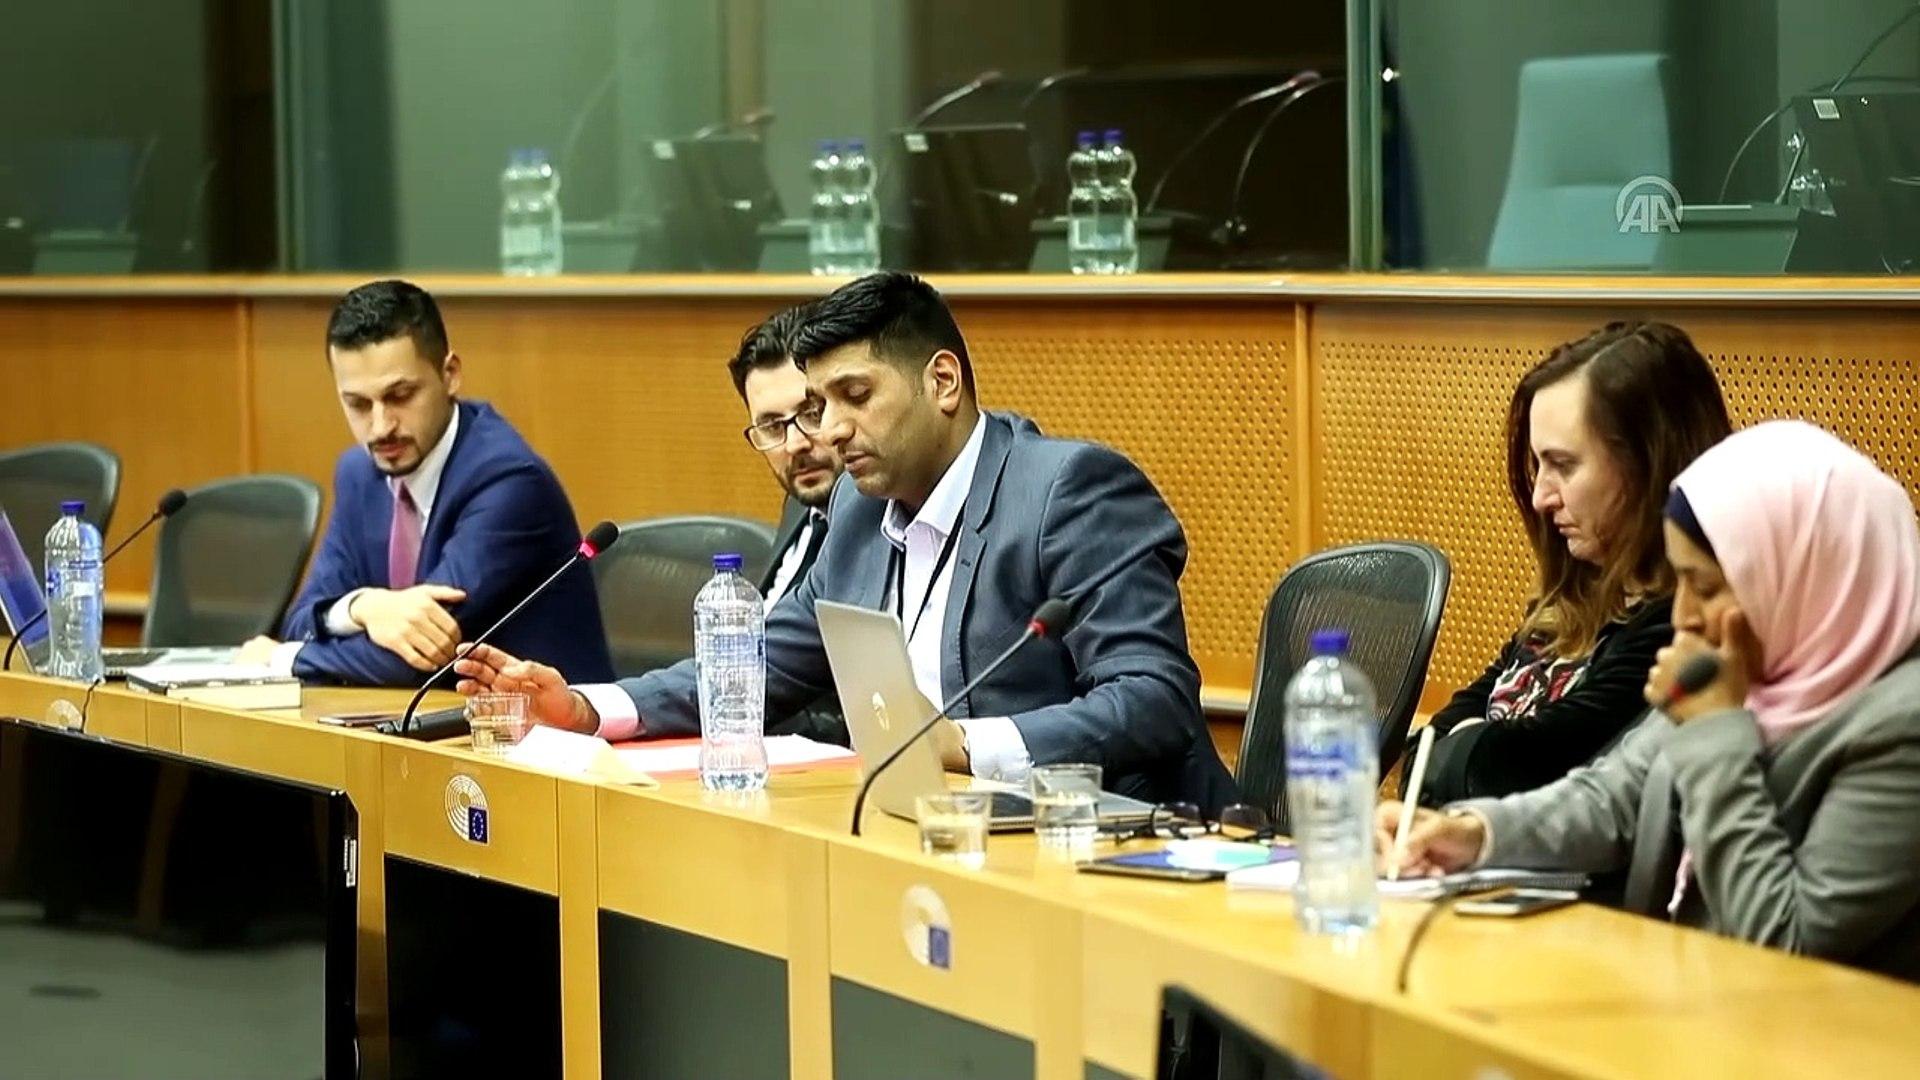 Avrupa Parlamentosu'nda İslamofobi Tartışıldı